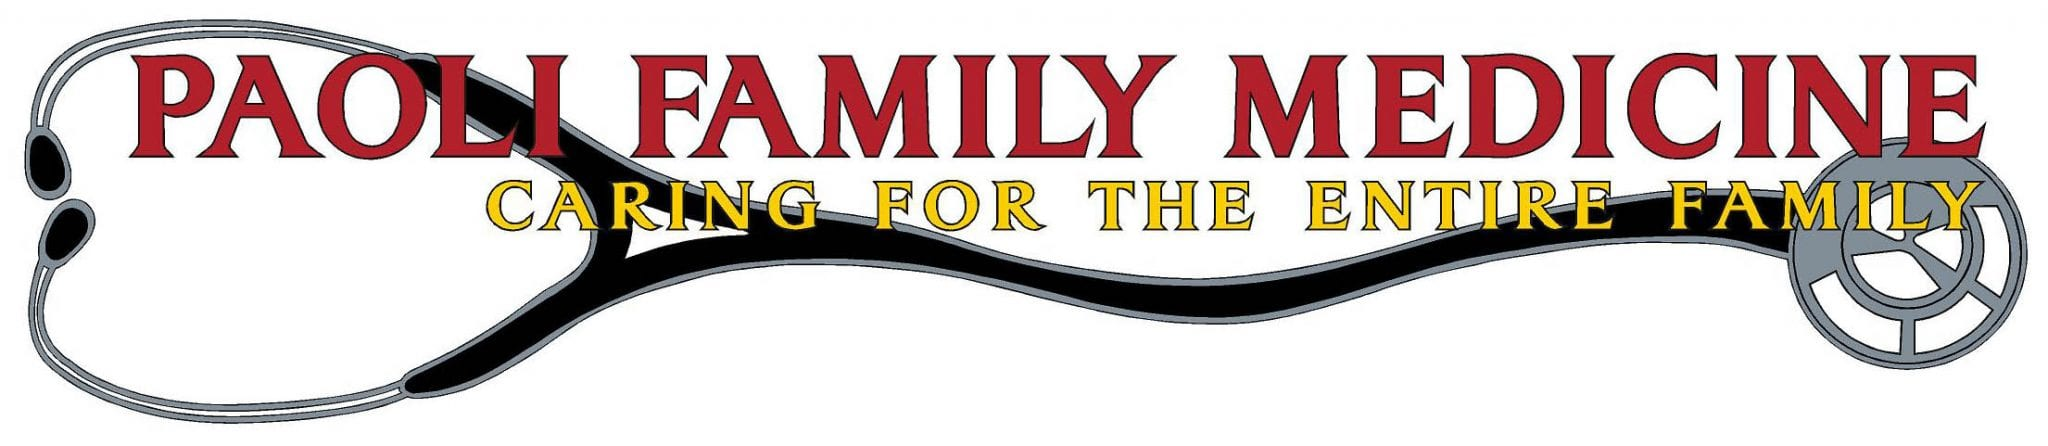 Paoli Family Medicine